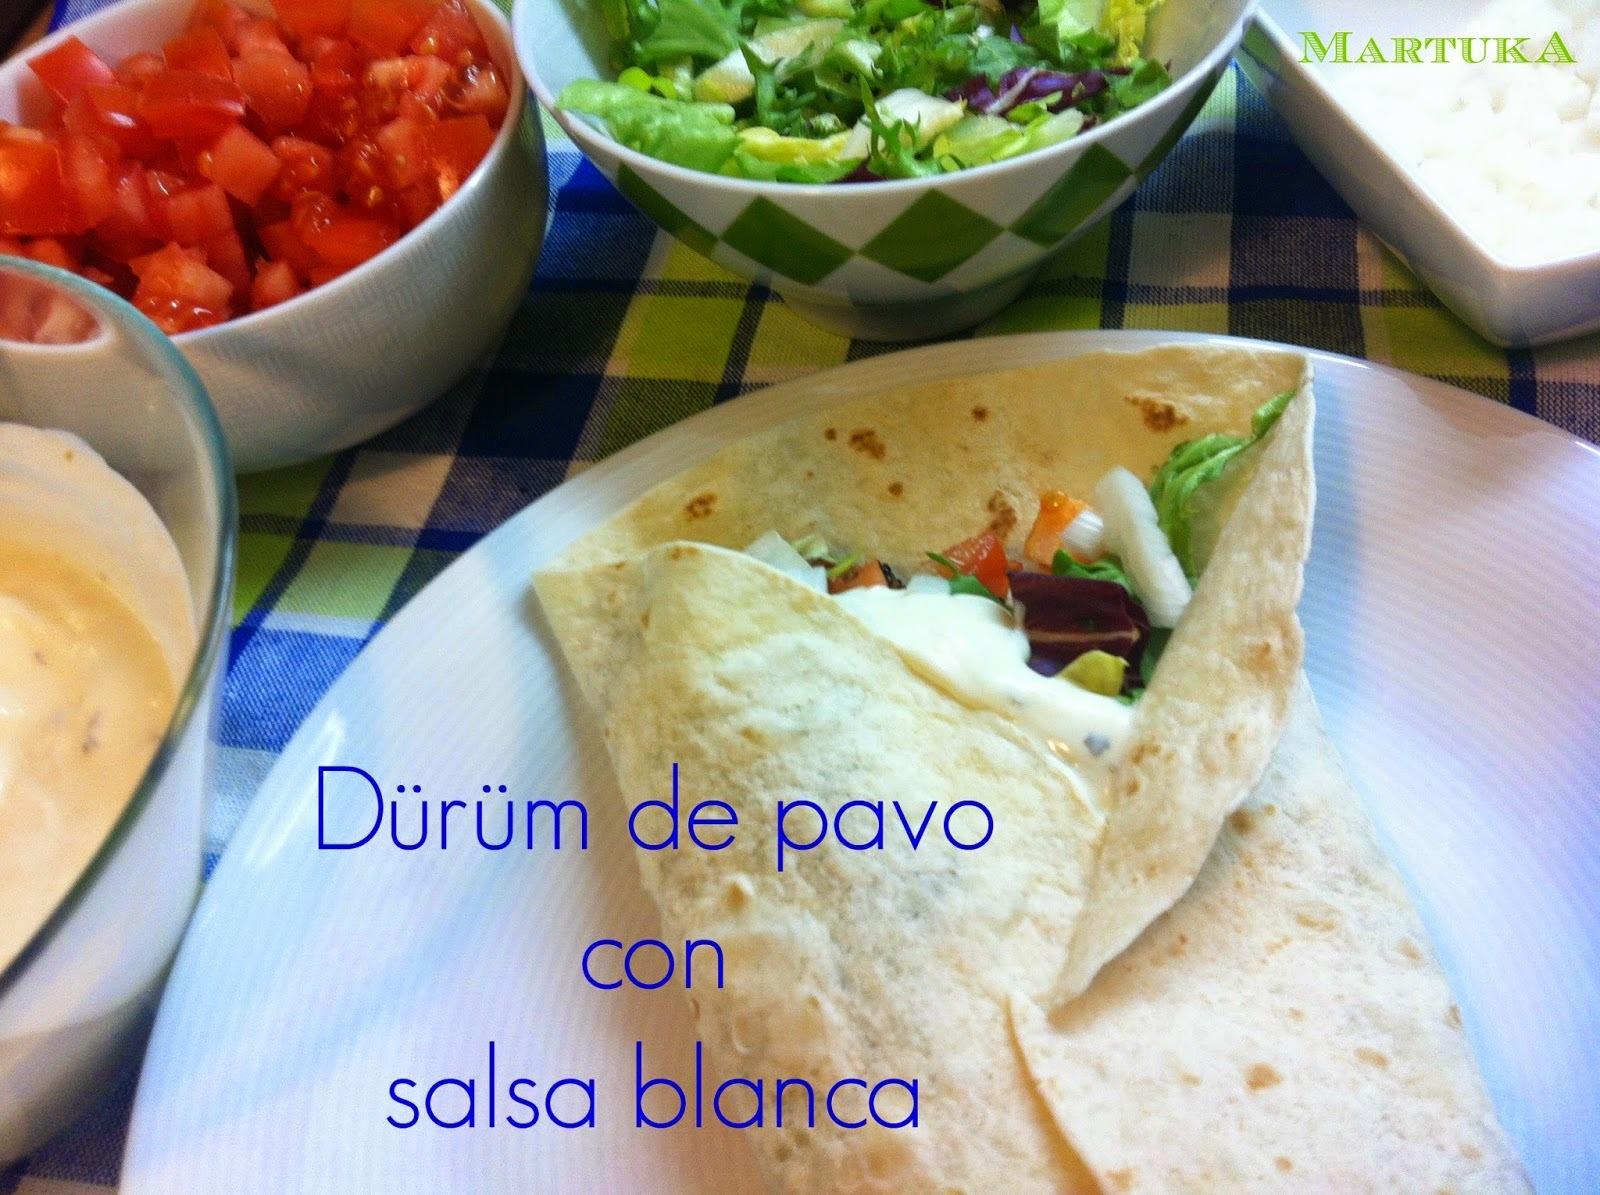 Dürüm De Pavo Con Salsa Blanca